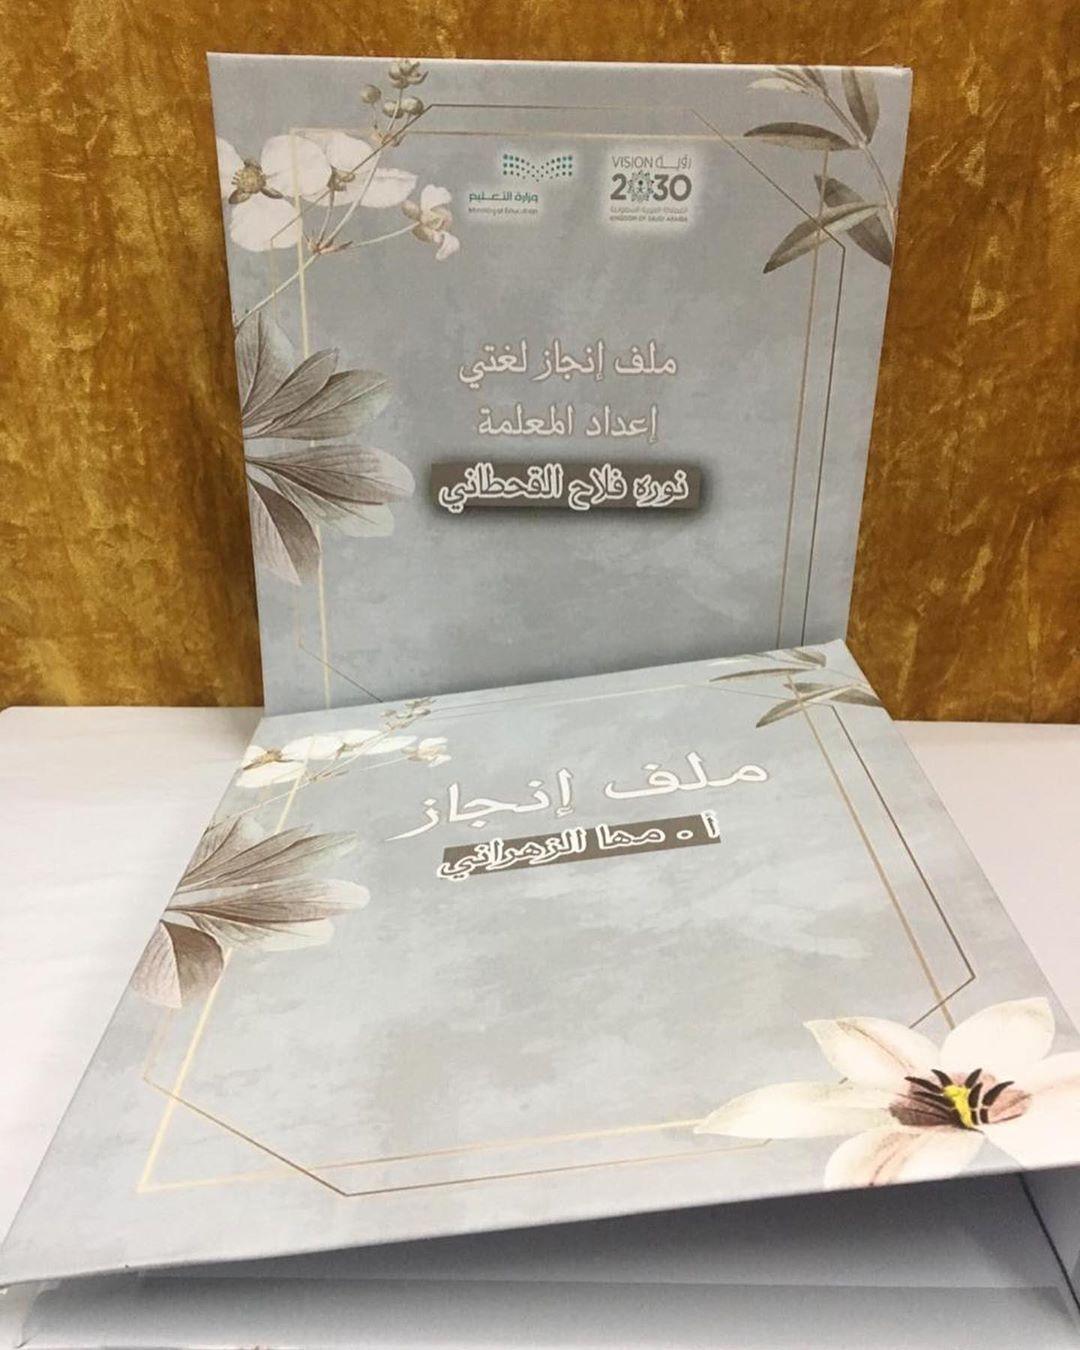 ملف إنجاز لغتي من ذاق ظلمة الجهل أدرك أن العلم نور مصطفى نور الدين Book Cover Books Cover